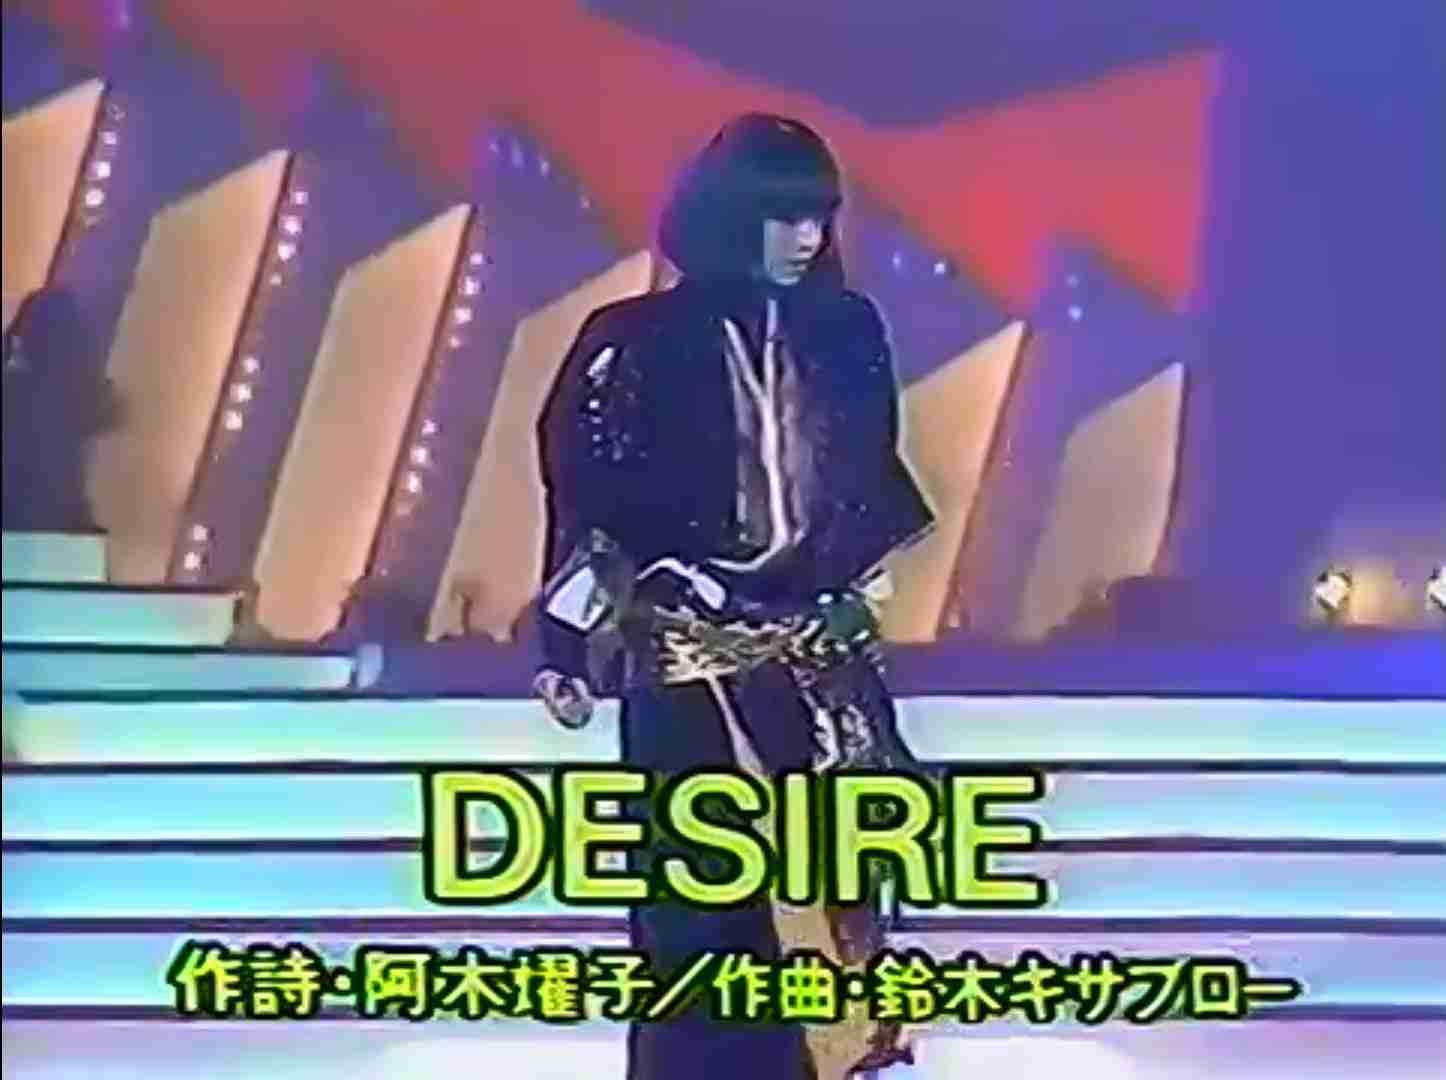 マツコ、現代のアイドルの売り出し方に物申す「圧倒的な何かにはならんよね」